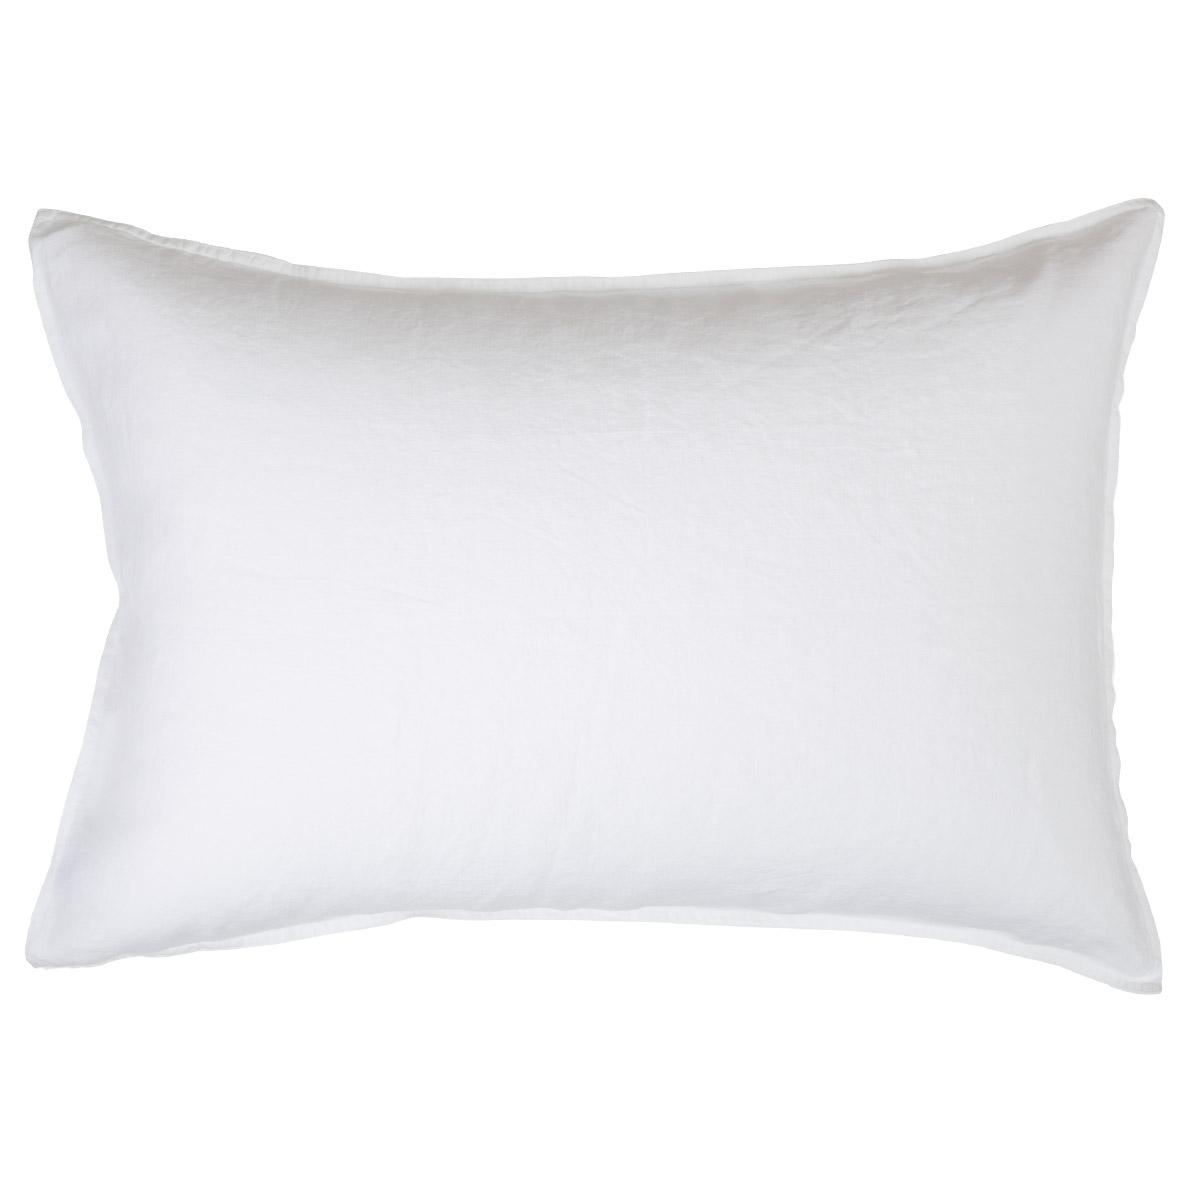 Taie d'oreiller 100 % Lin Blanc 50 x 75 cm